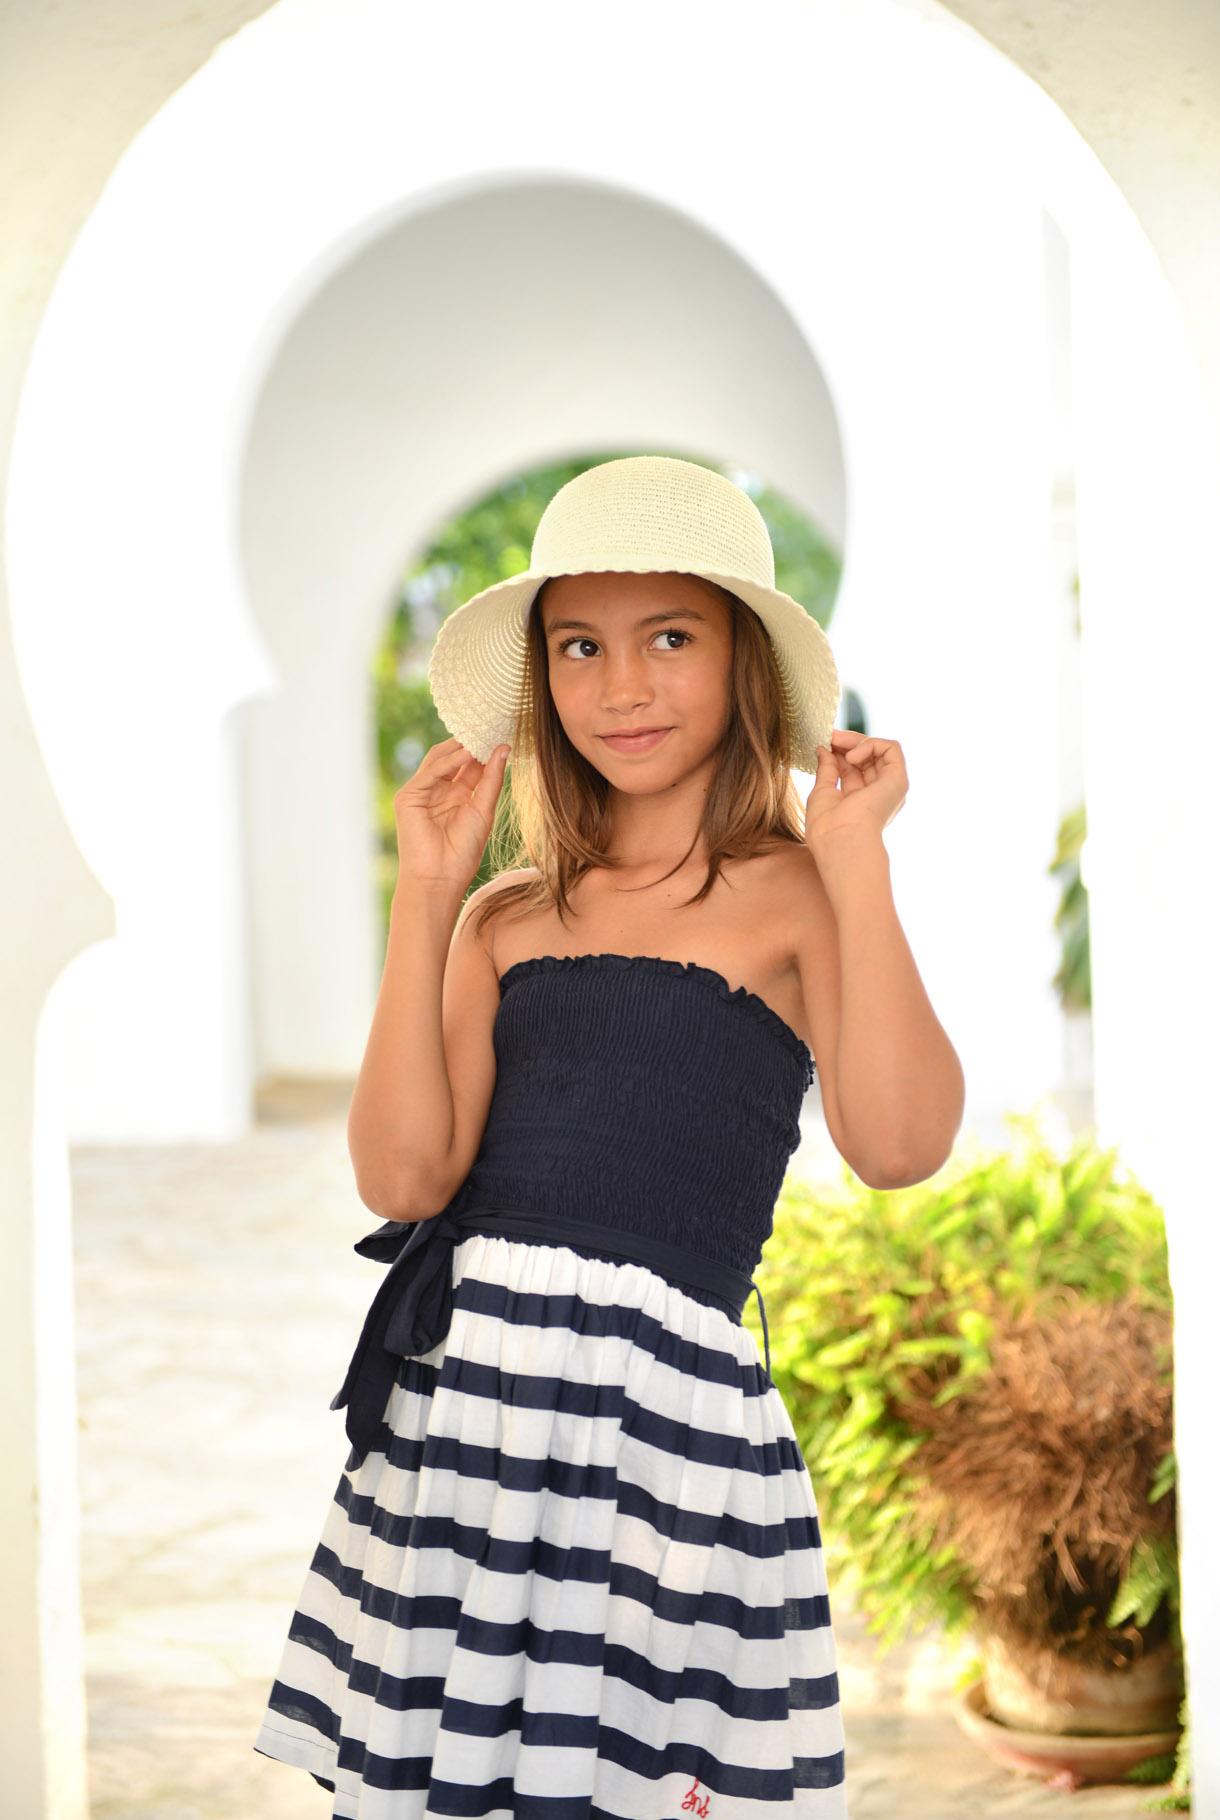 marbella reportaje moda